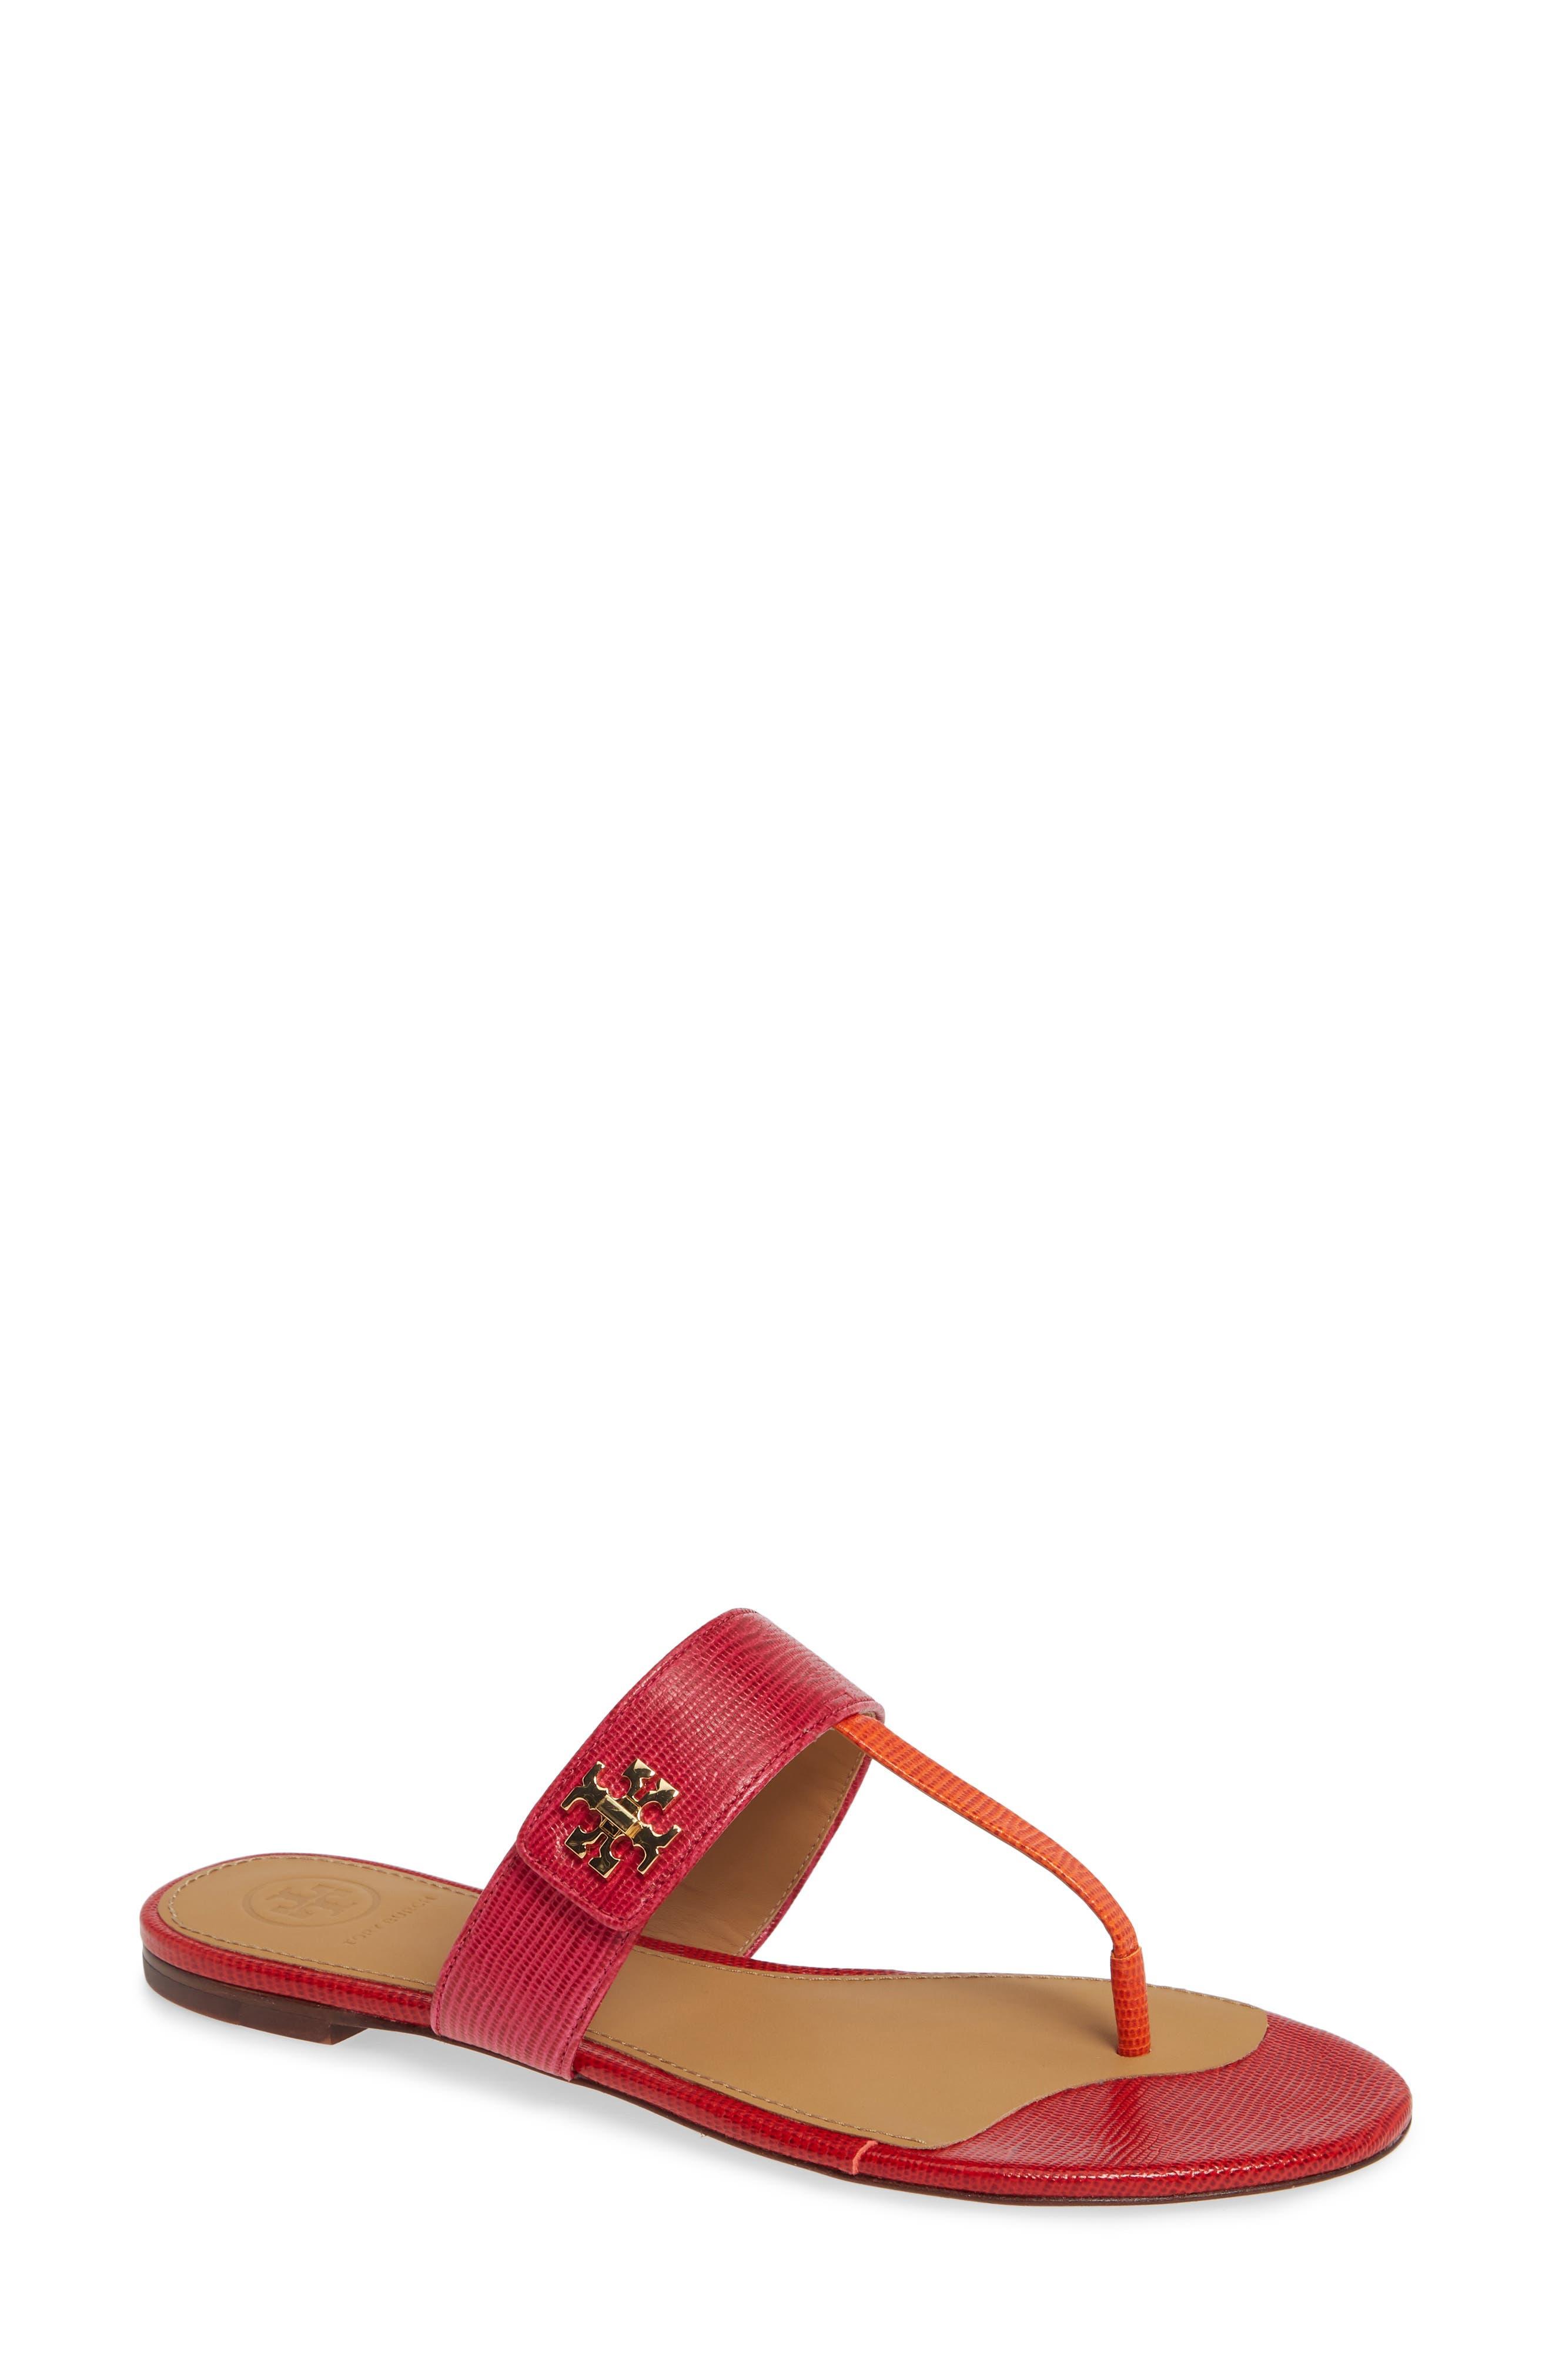 Tory Burch Kira Thong Sandal, Pink